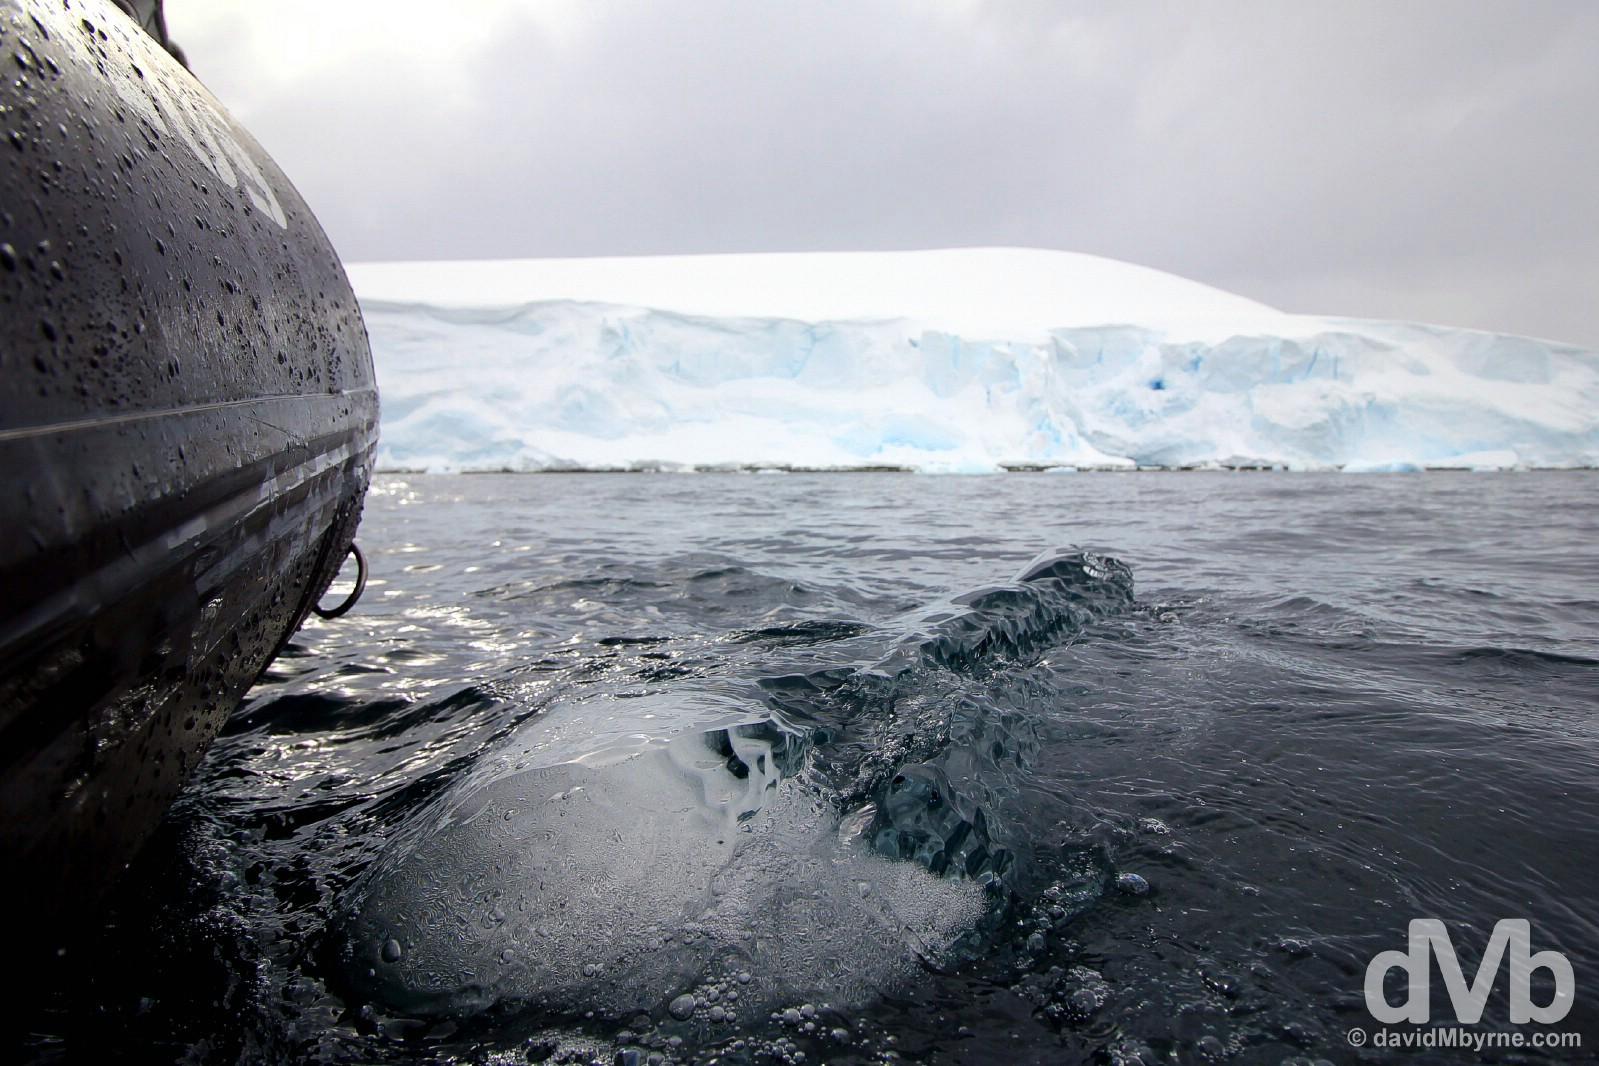 A growler in the waters off Danco Island, Antarctic Peninsula. November 30, 2015.